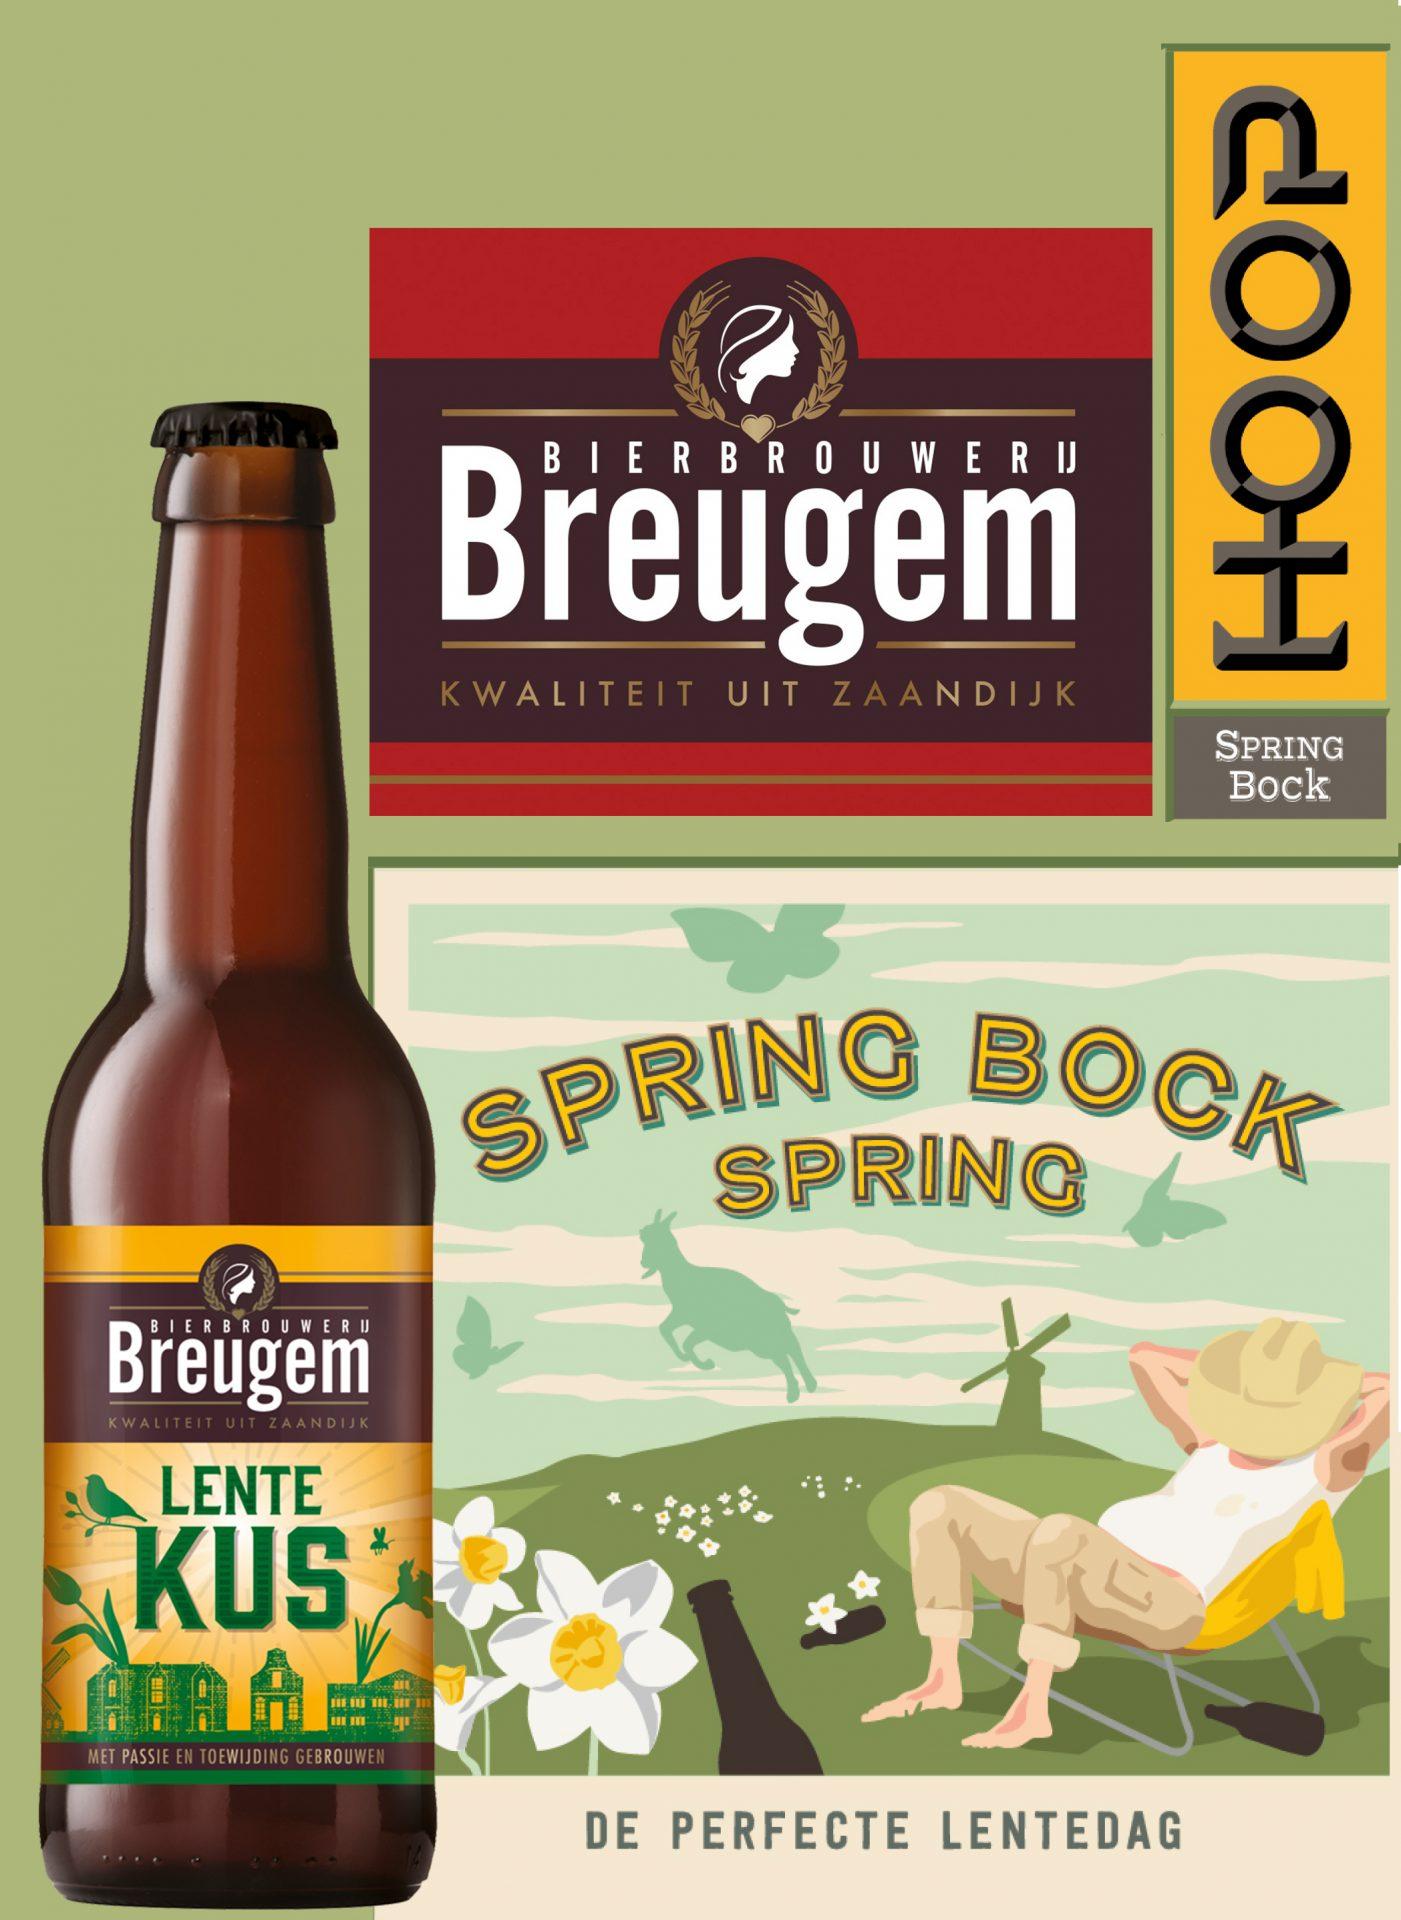 Nieuwsbrief-Nectar-Utrecht-Lentebier-Breugem-Hoop-LenteKus-Springbock